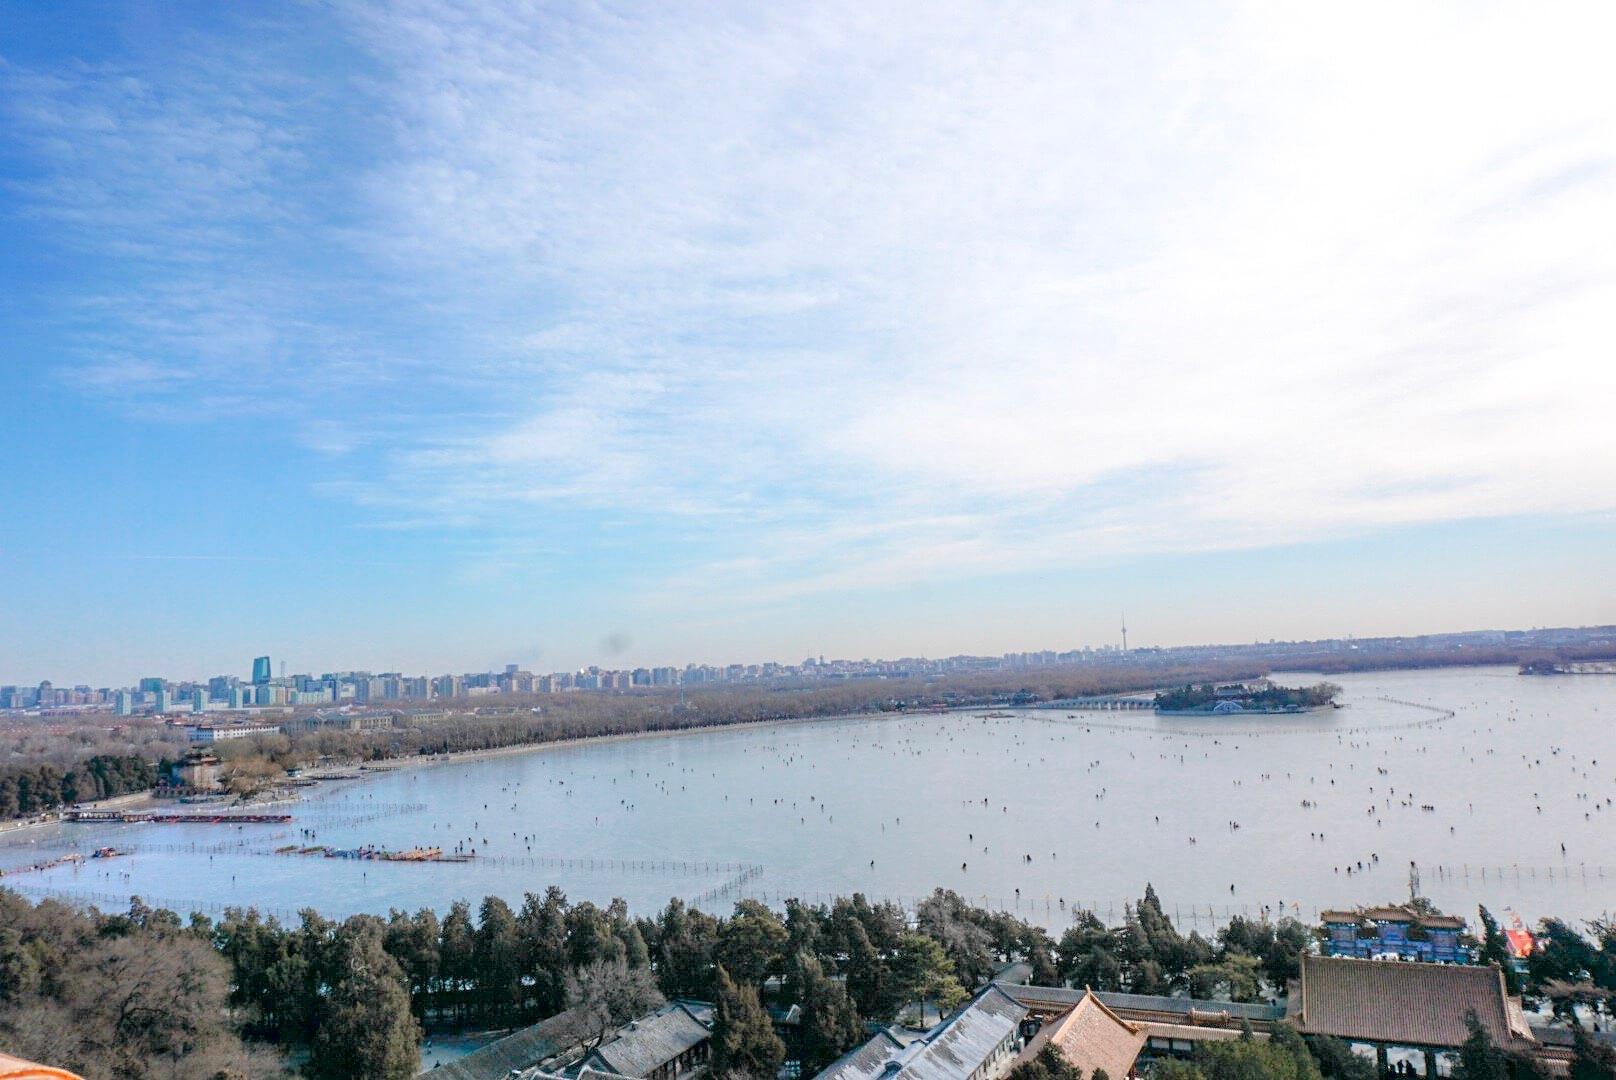 beau point de vue sur le lac du palais d'été pékin